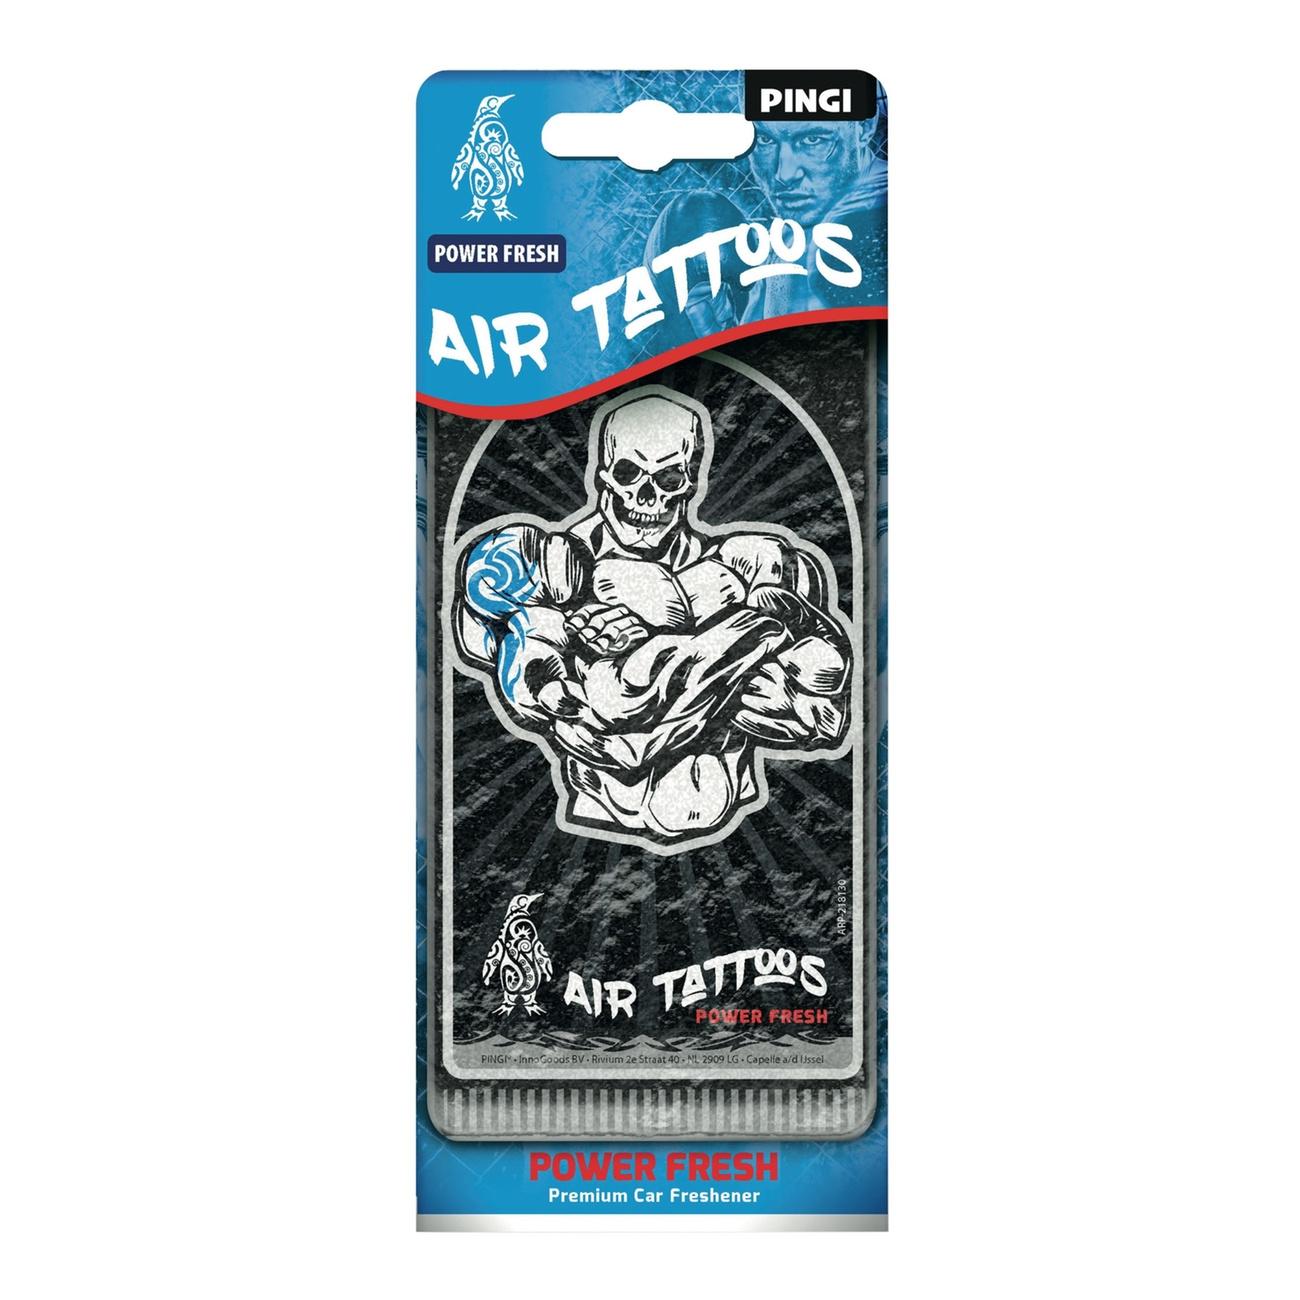 PINGI Air Tattoos, Power Fresh